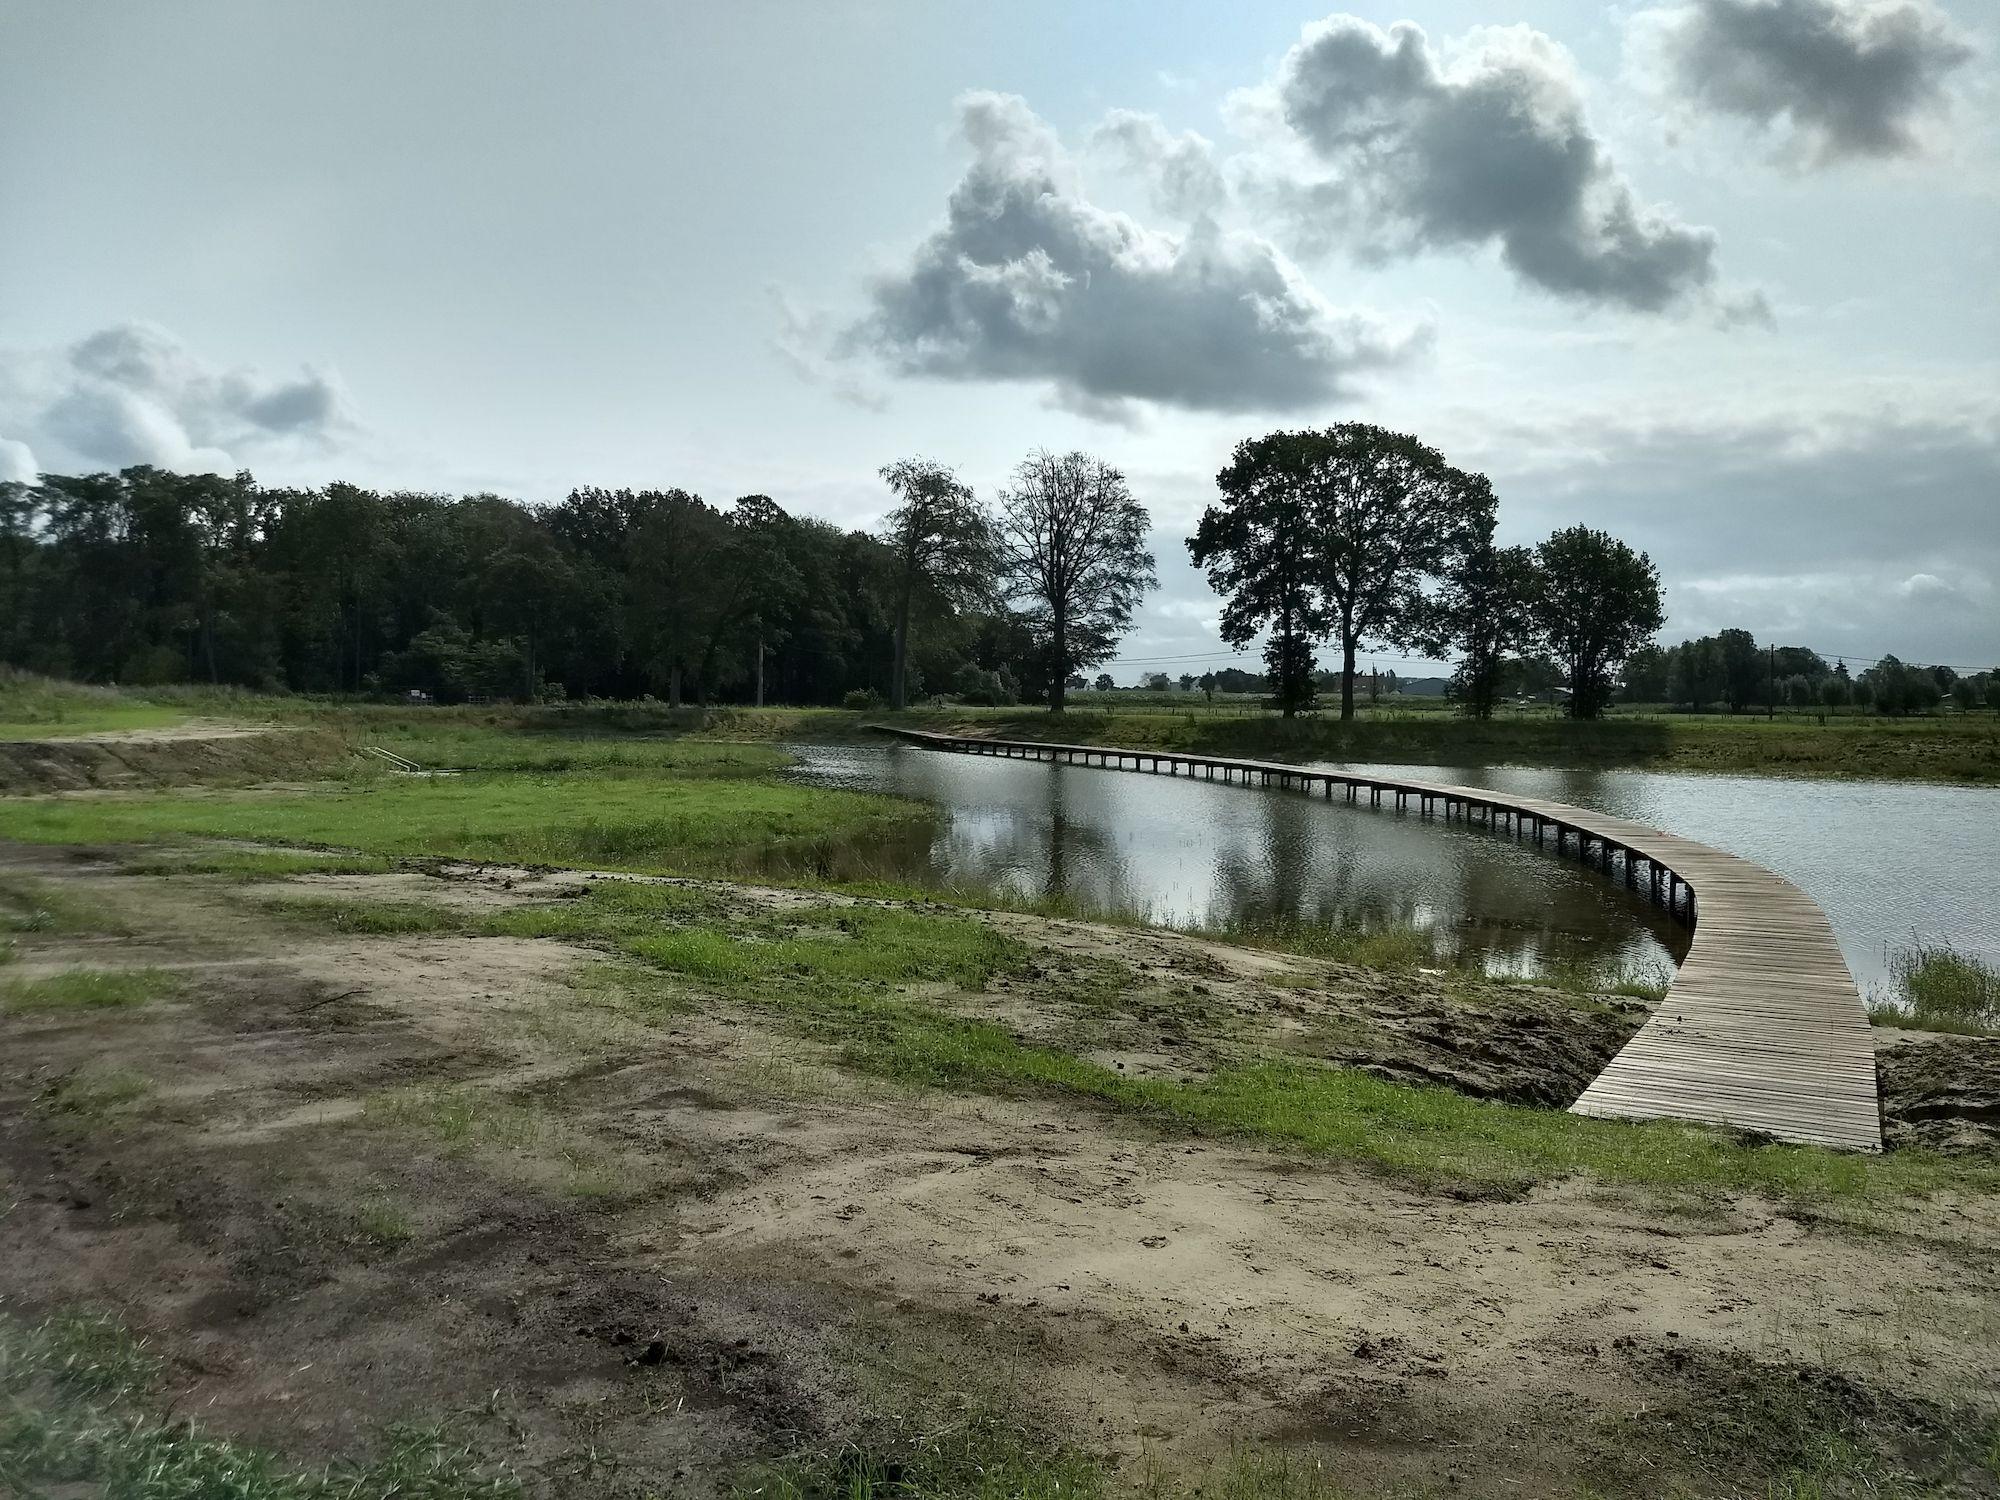 GOG Gaverbeek Torhout